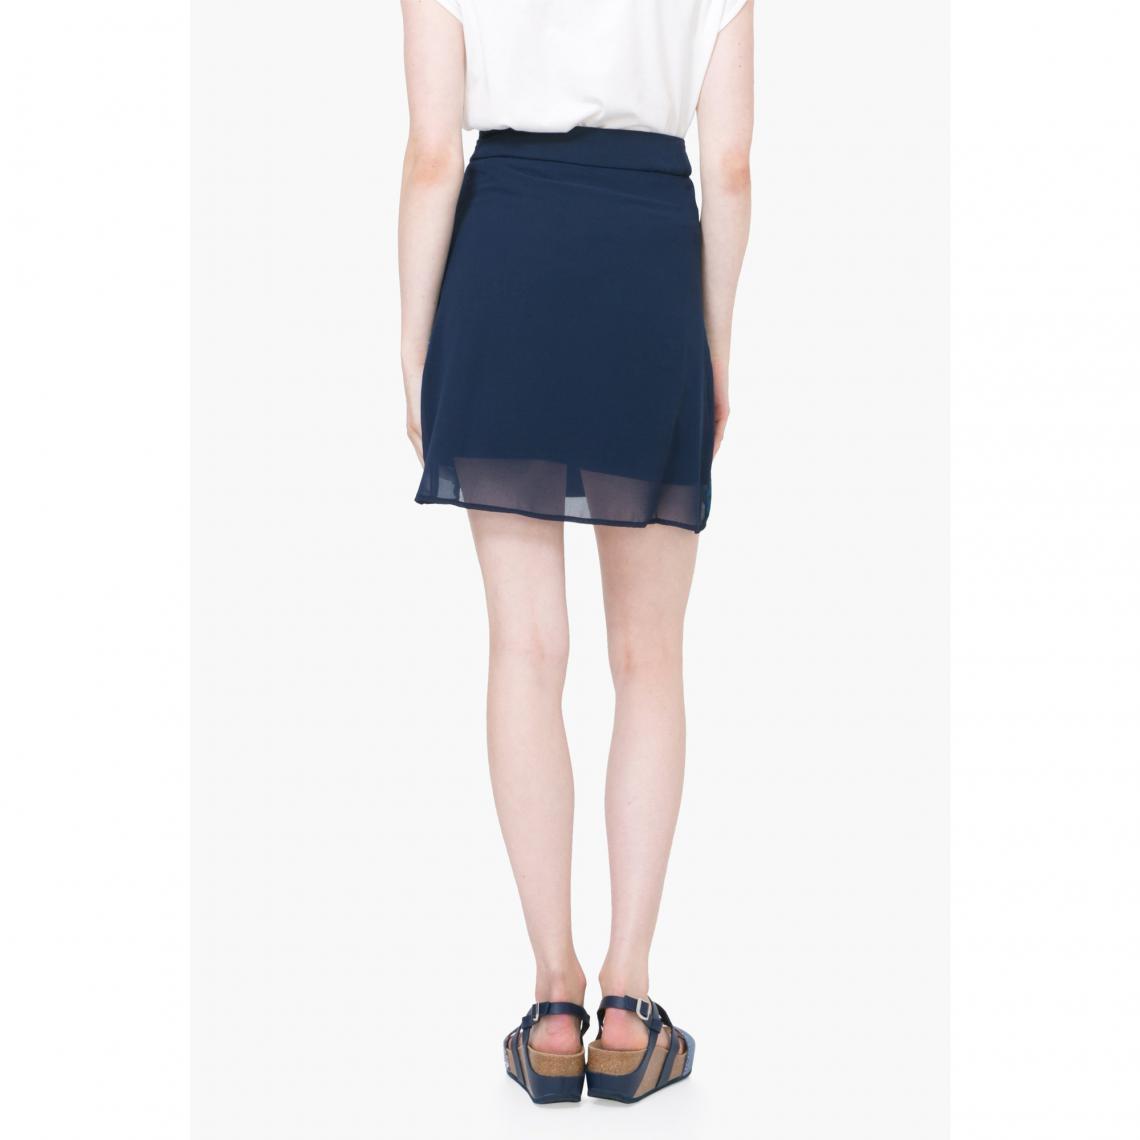 28b41a5281d3 Jupe courte voile portefeuille femme Desigual - Multicolore